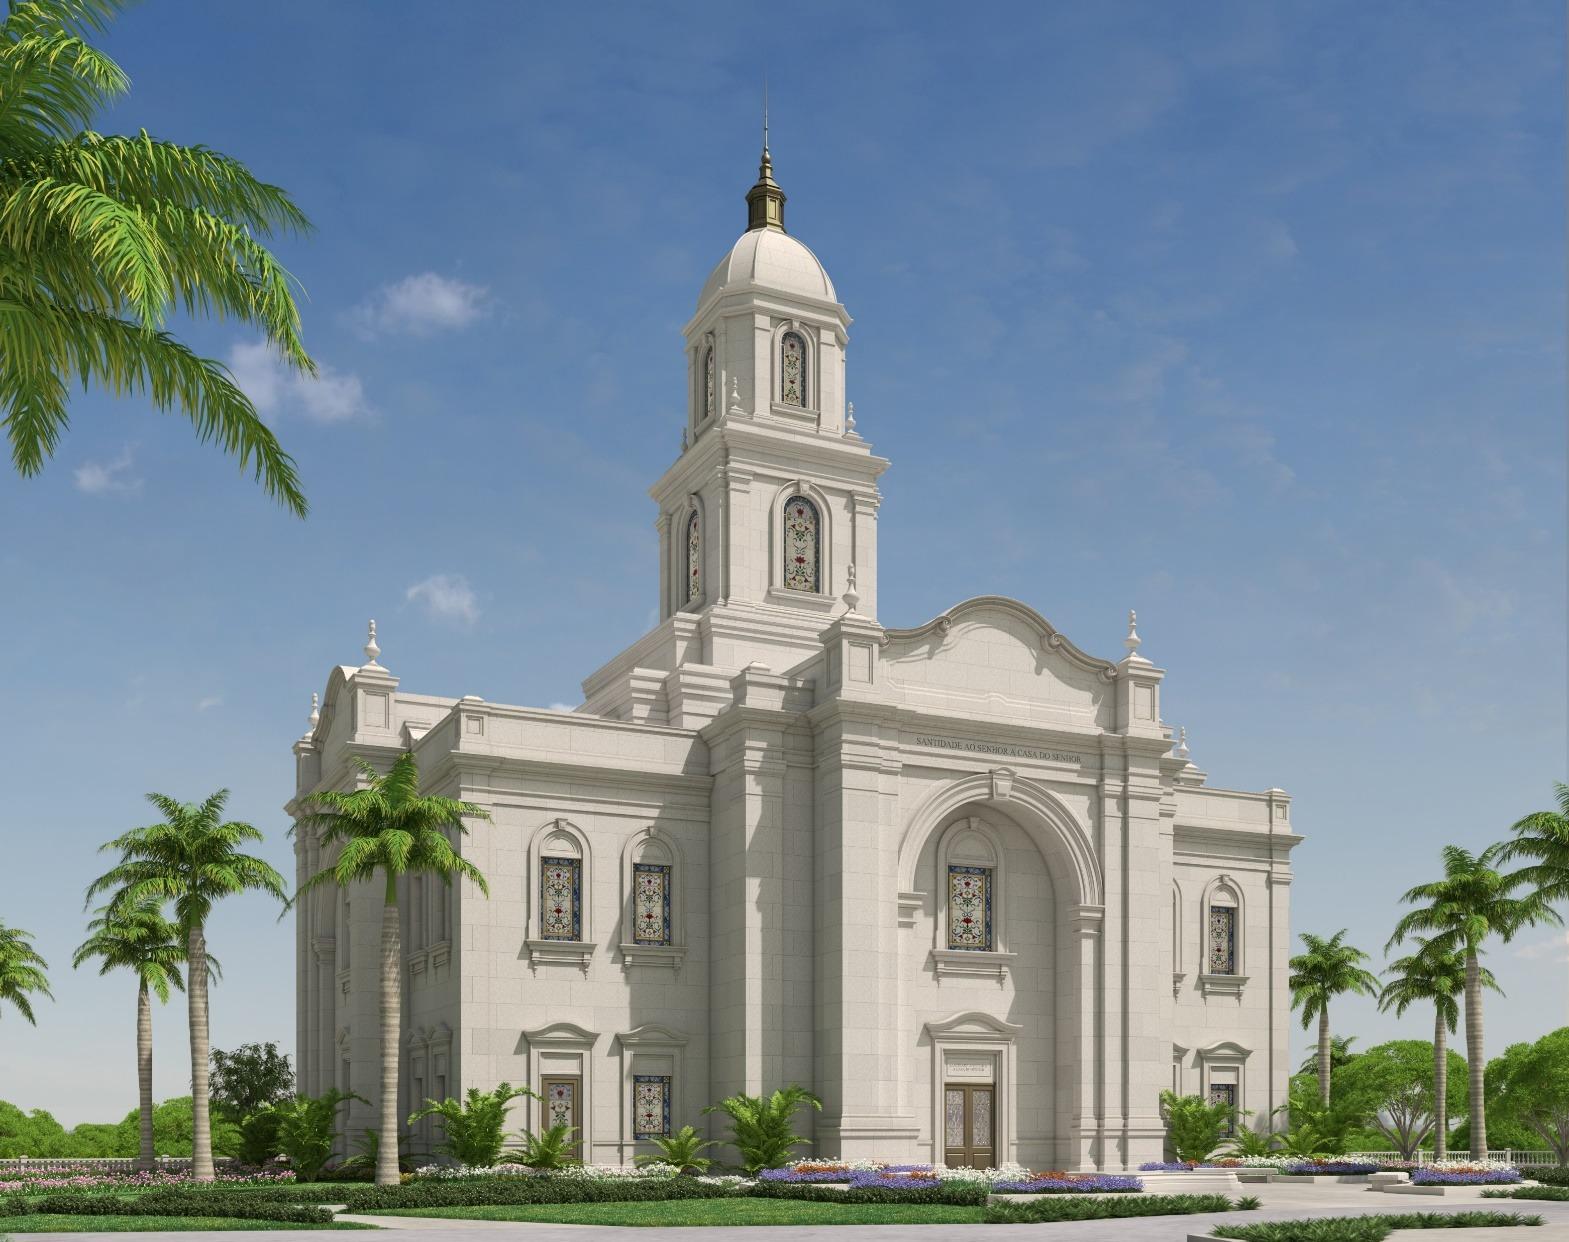 Salvador ganhará templo sustentável projetado com traços da arquitetura colonial da Bahia